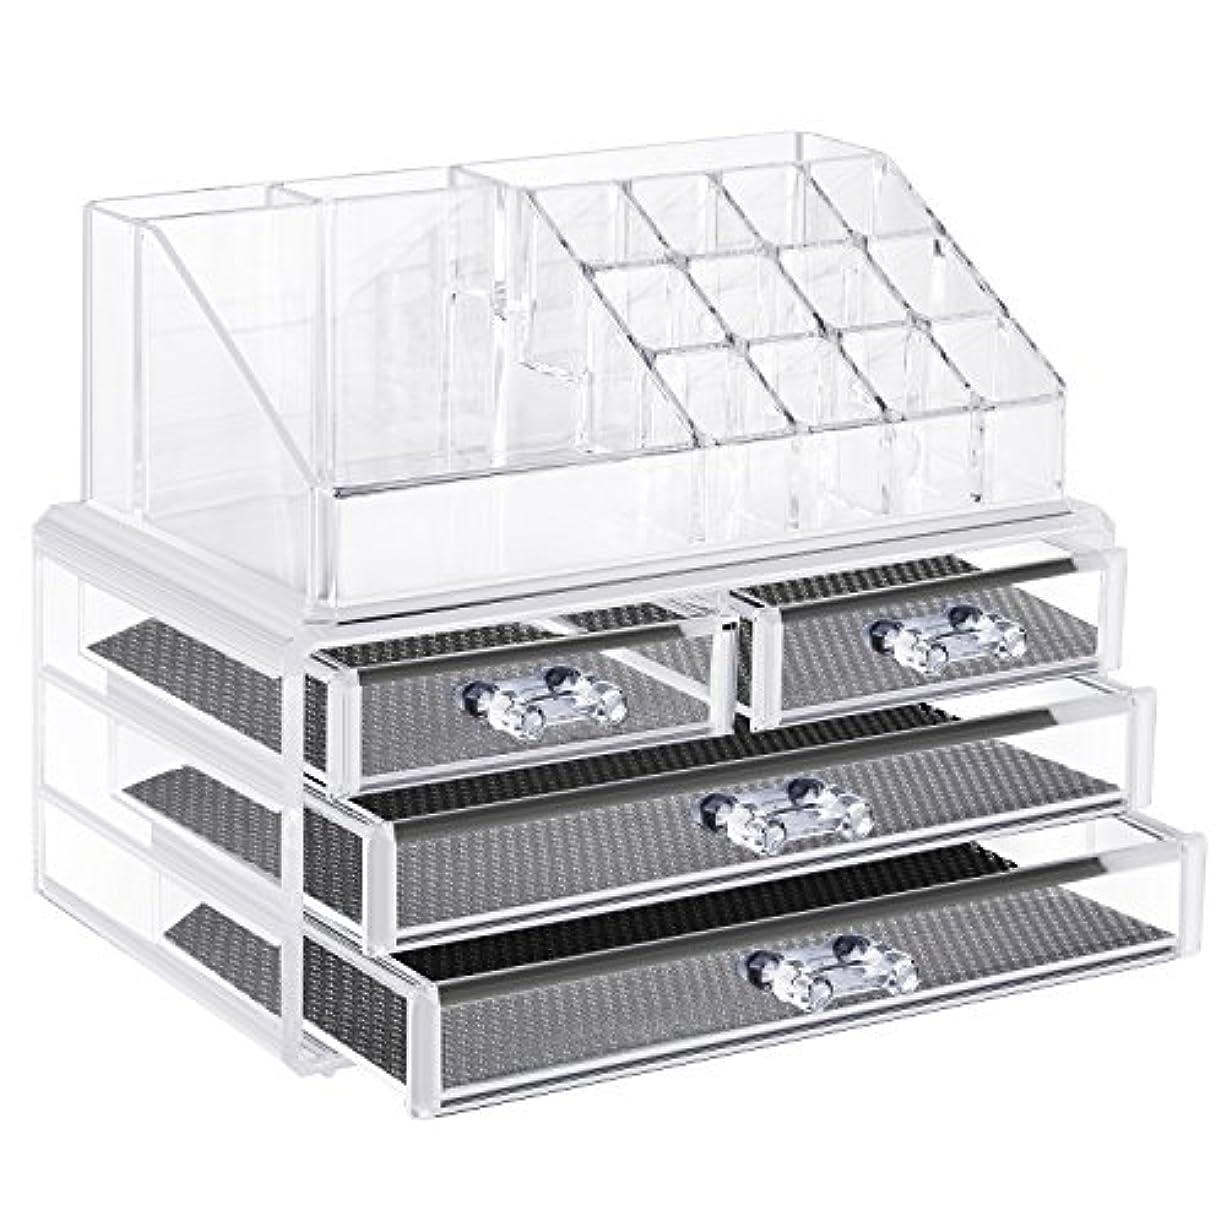 弾薬備品細菌Neewer ジュエリーと化粧品収納ボックス 化粧パレット収納引き出し 仕切り 透明なアクリル製